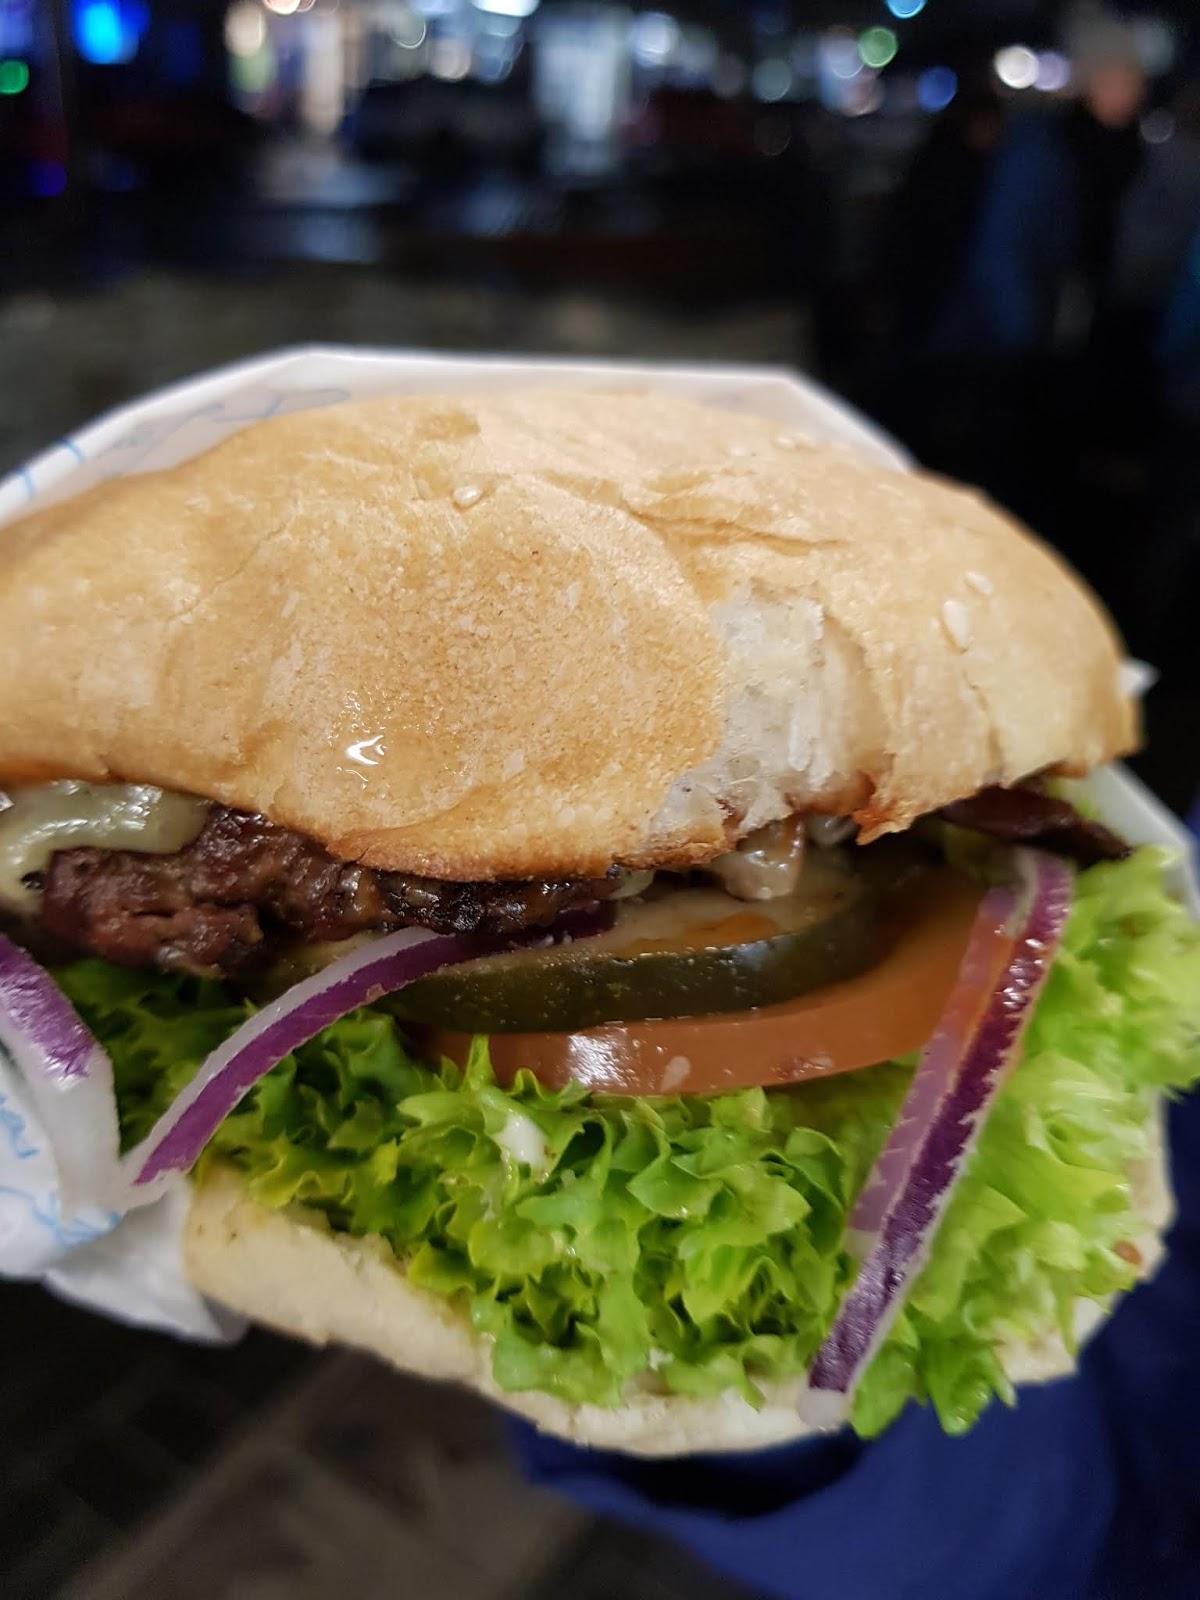 Soul Wanderer Kantong Cadangan Food Feeder Dot The Infamous Ferg Deluxe Burger In Queenstown